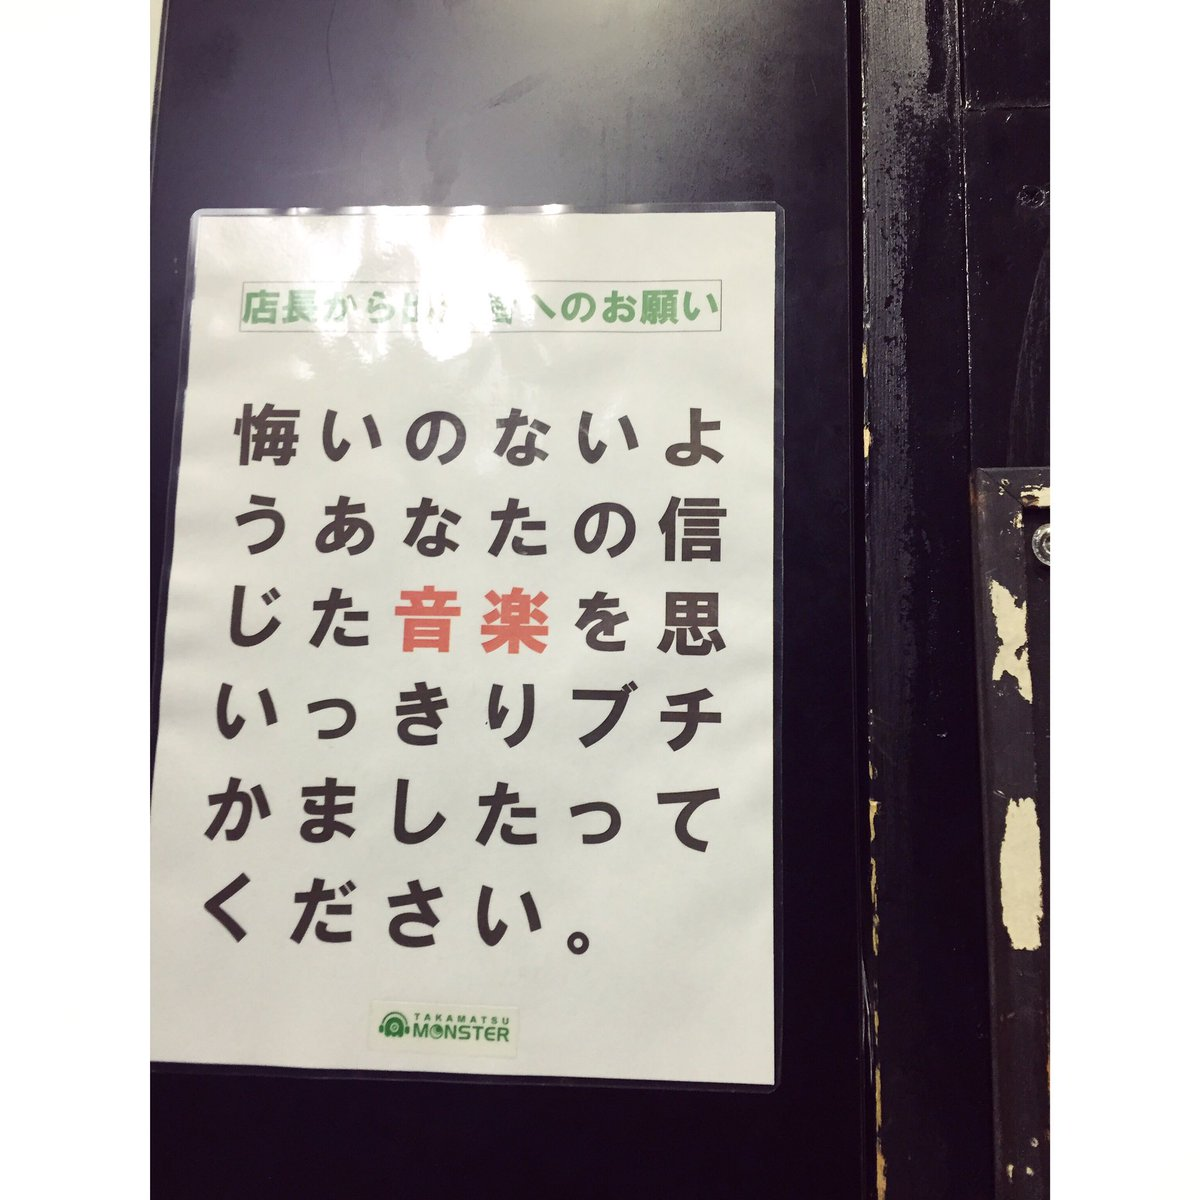 #ロンマジツアー 香川 高松MONSTER!!! みなさんのなんっとも言葉にできない表情。心が溢れて…